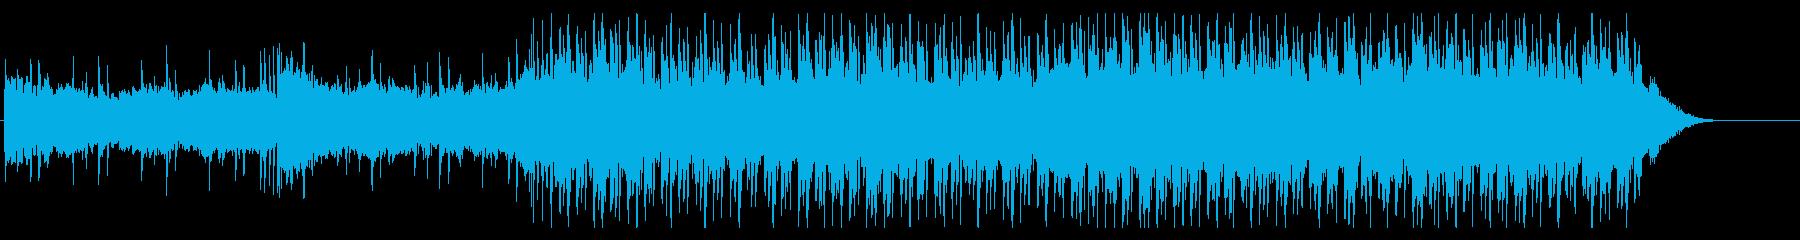 ふつふつとした感じの四つ打ちの再生済みの波形